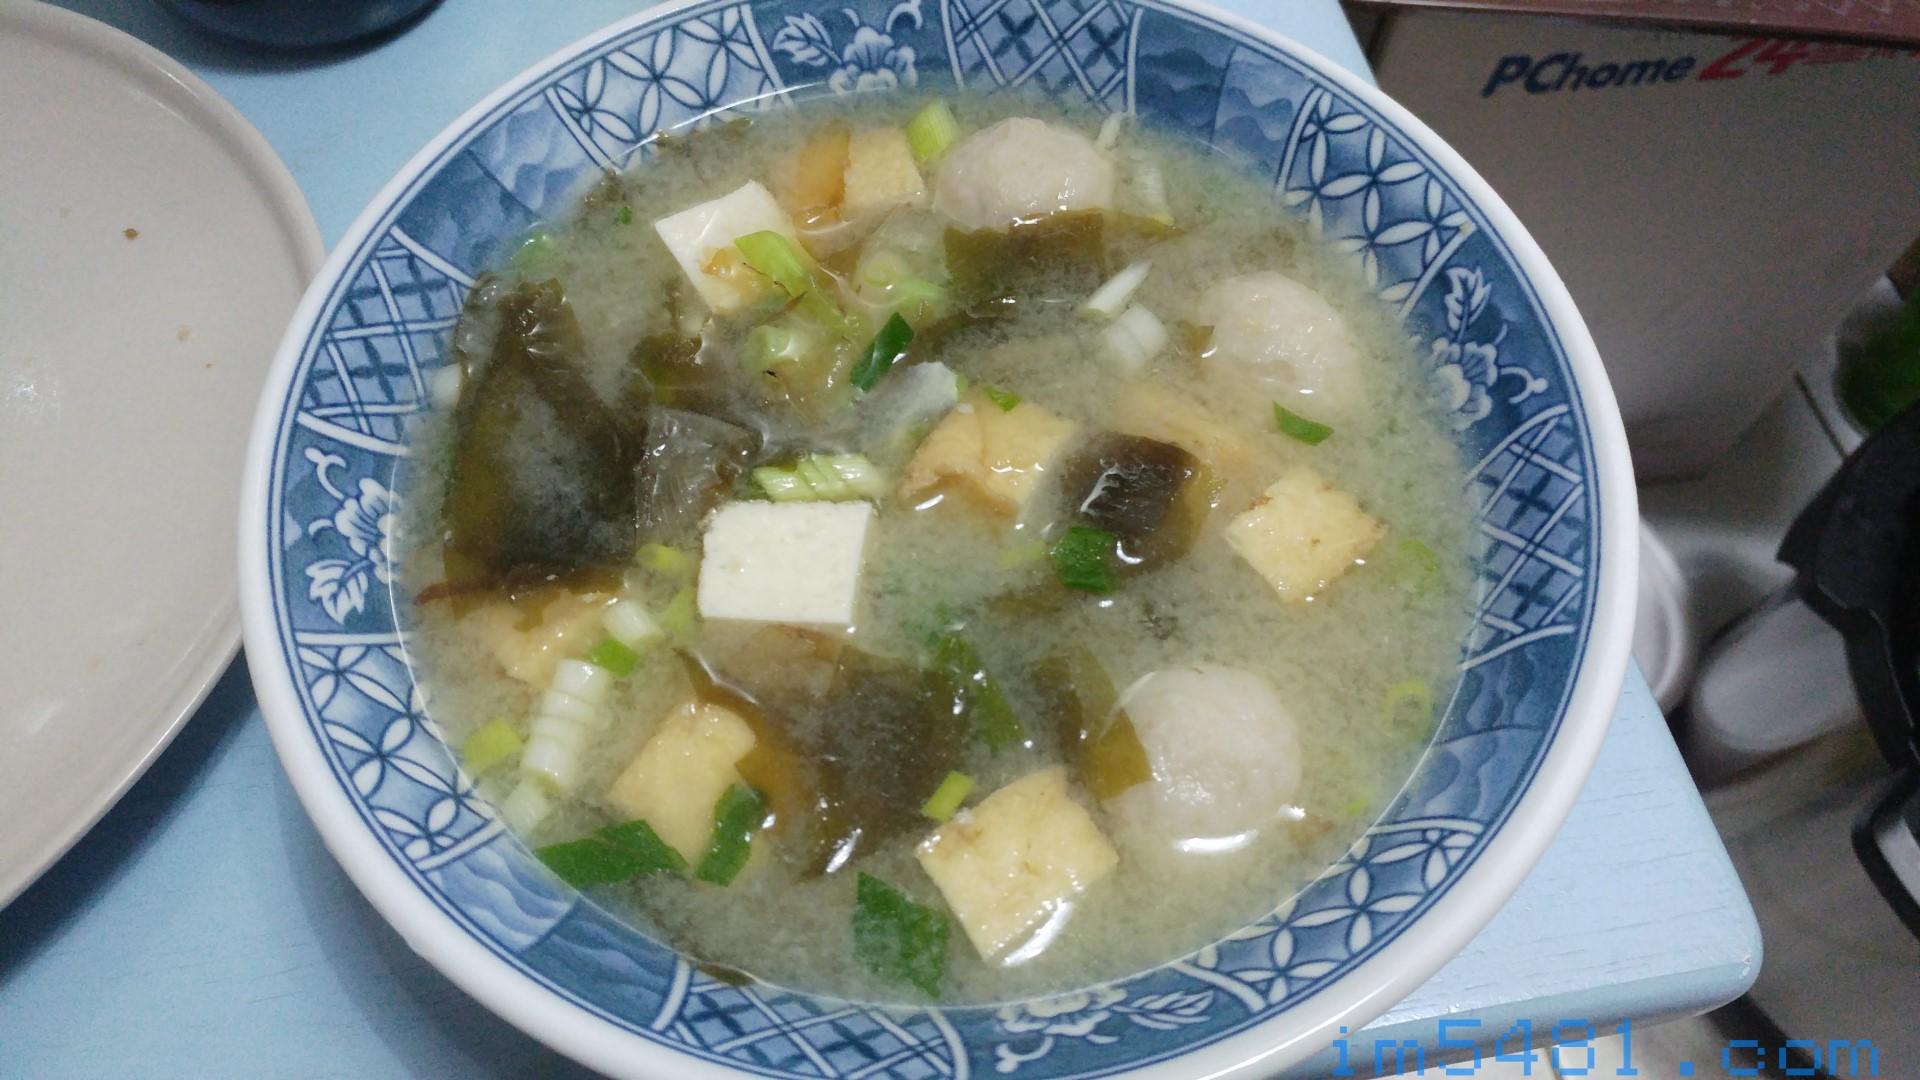 利用新禾昌柴魚花片煮好的味噌湯,鮮味十足!